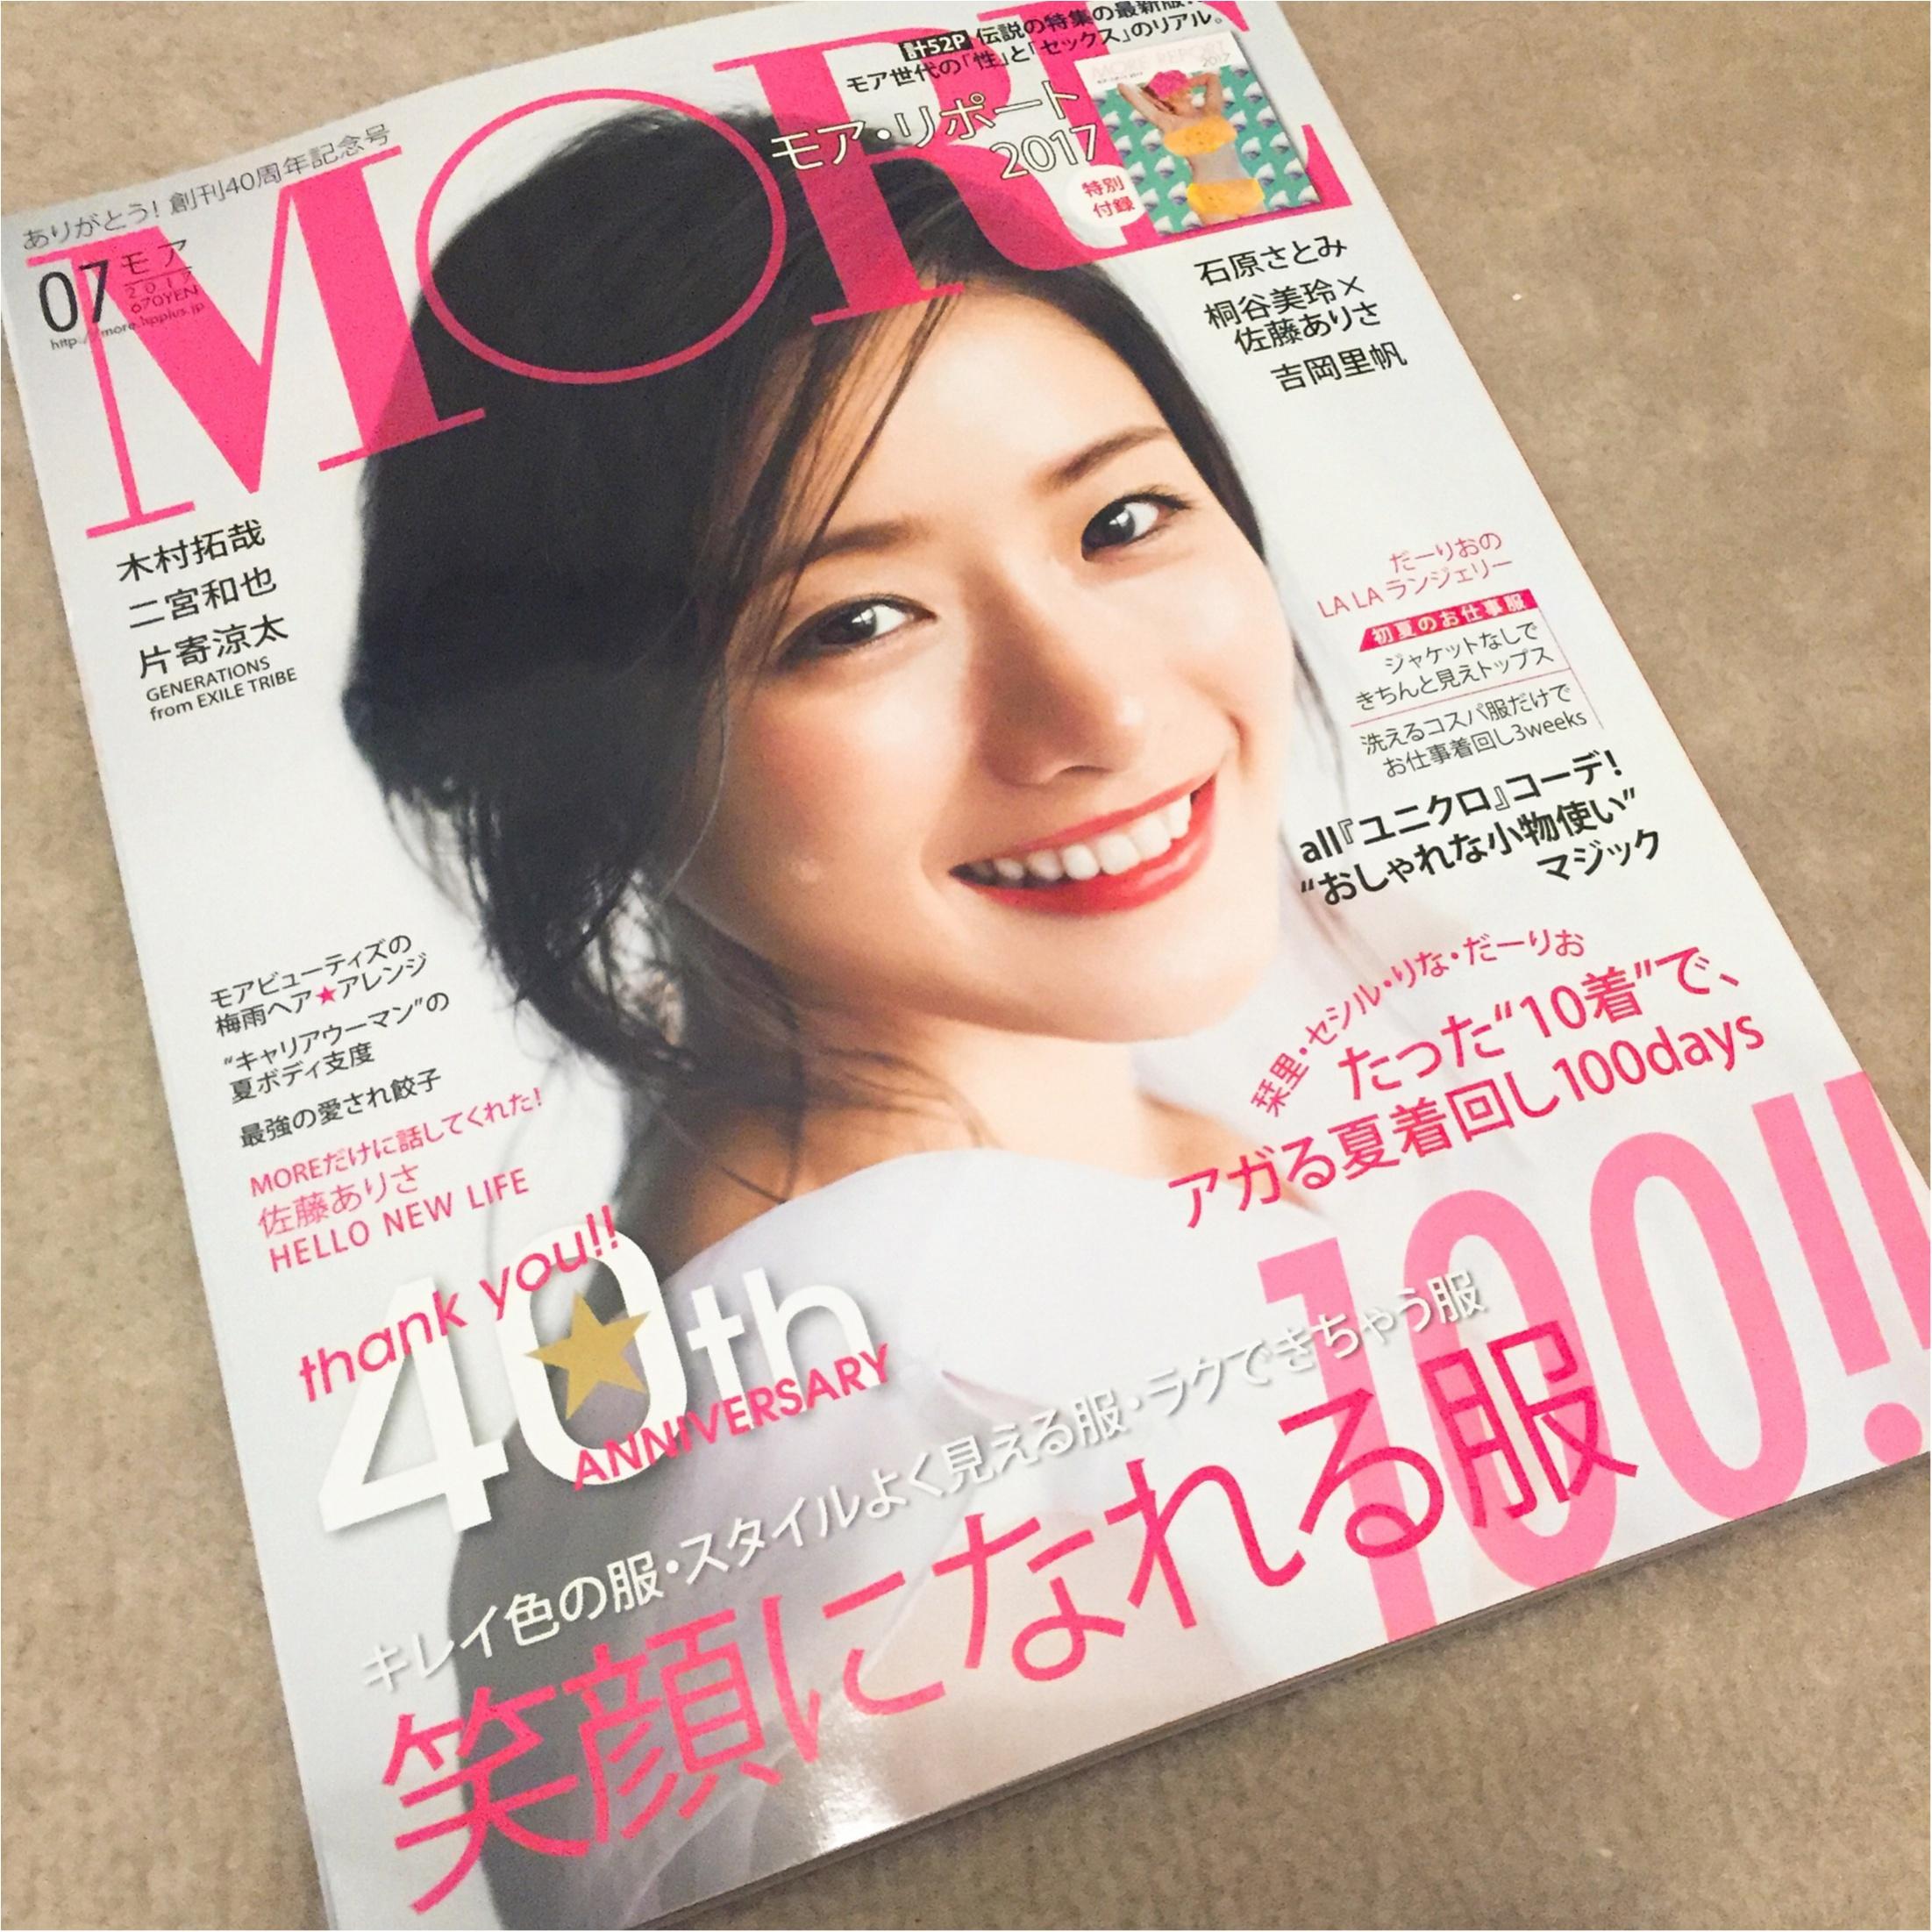 【自己紹介】モアハピ部10期スタート!改めましてsamenyanです♡東京OLのリアルな日常を発信中♩_1